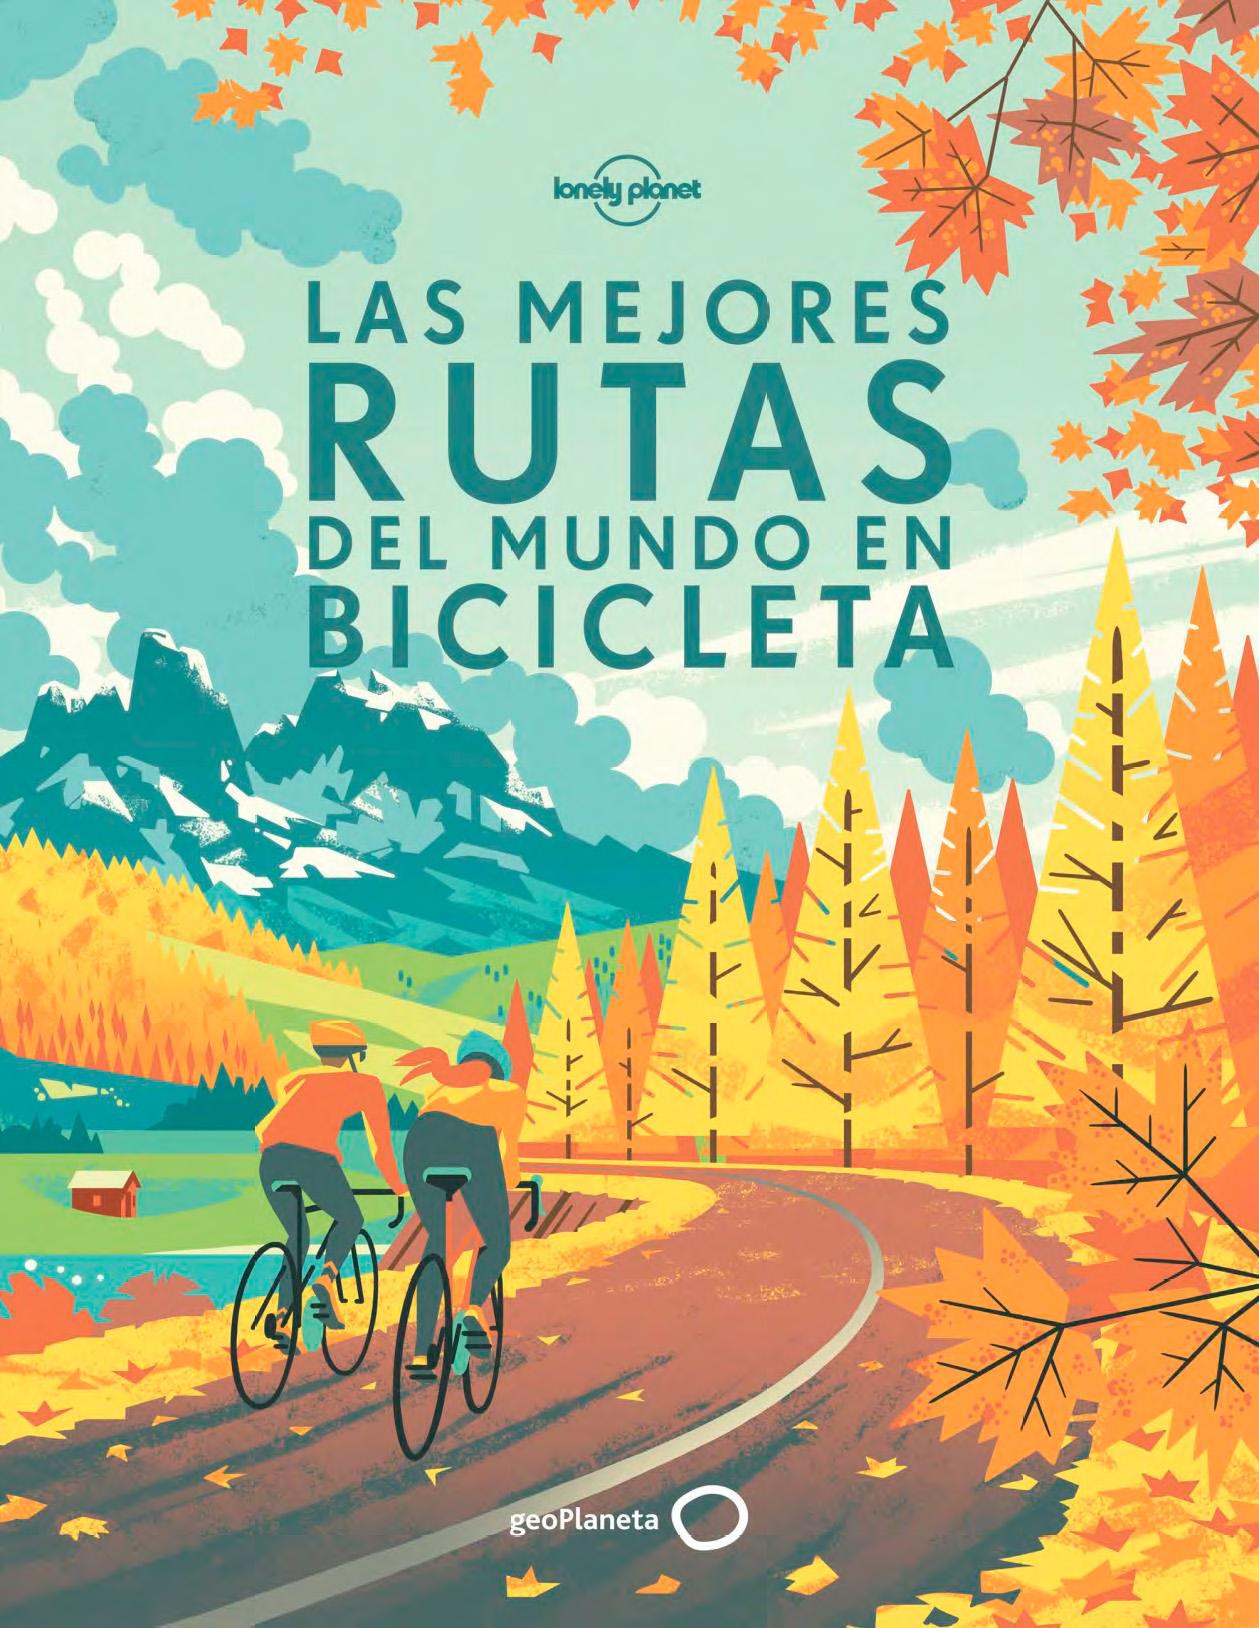 Atrapalibros, Las mejores rutas en bicicleta del mundo